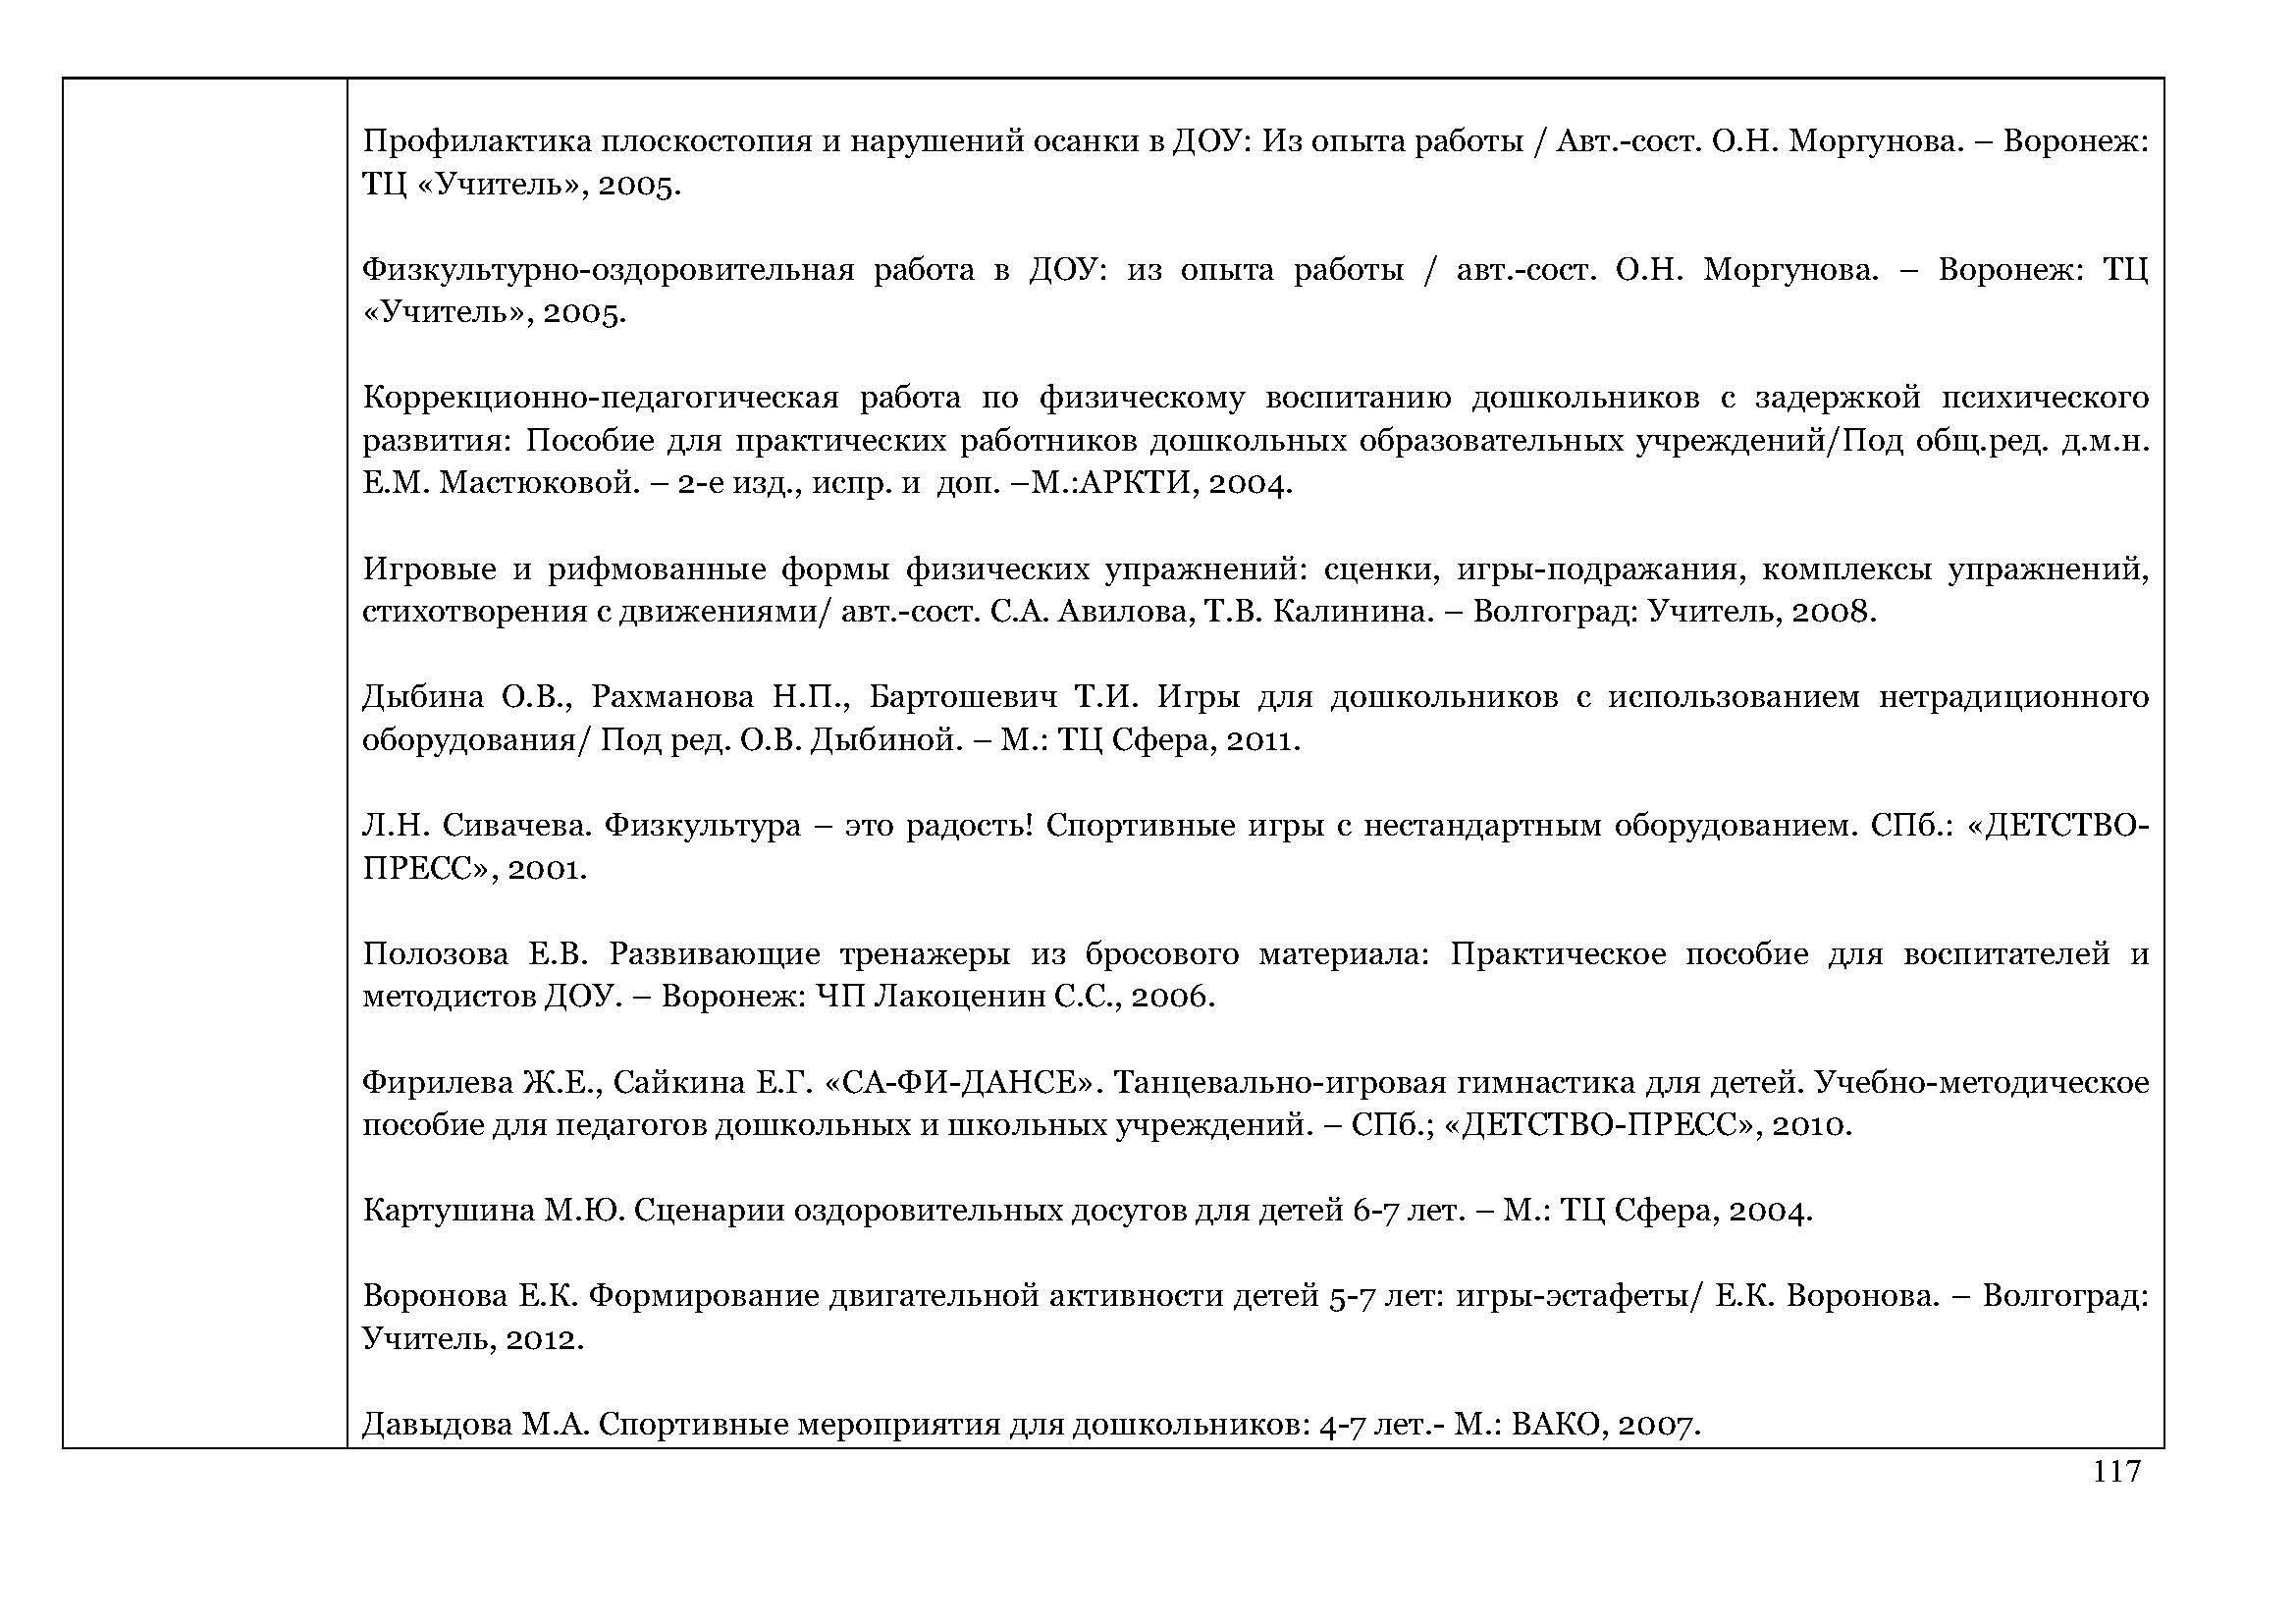 образовательная_программа_Страница_117